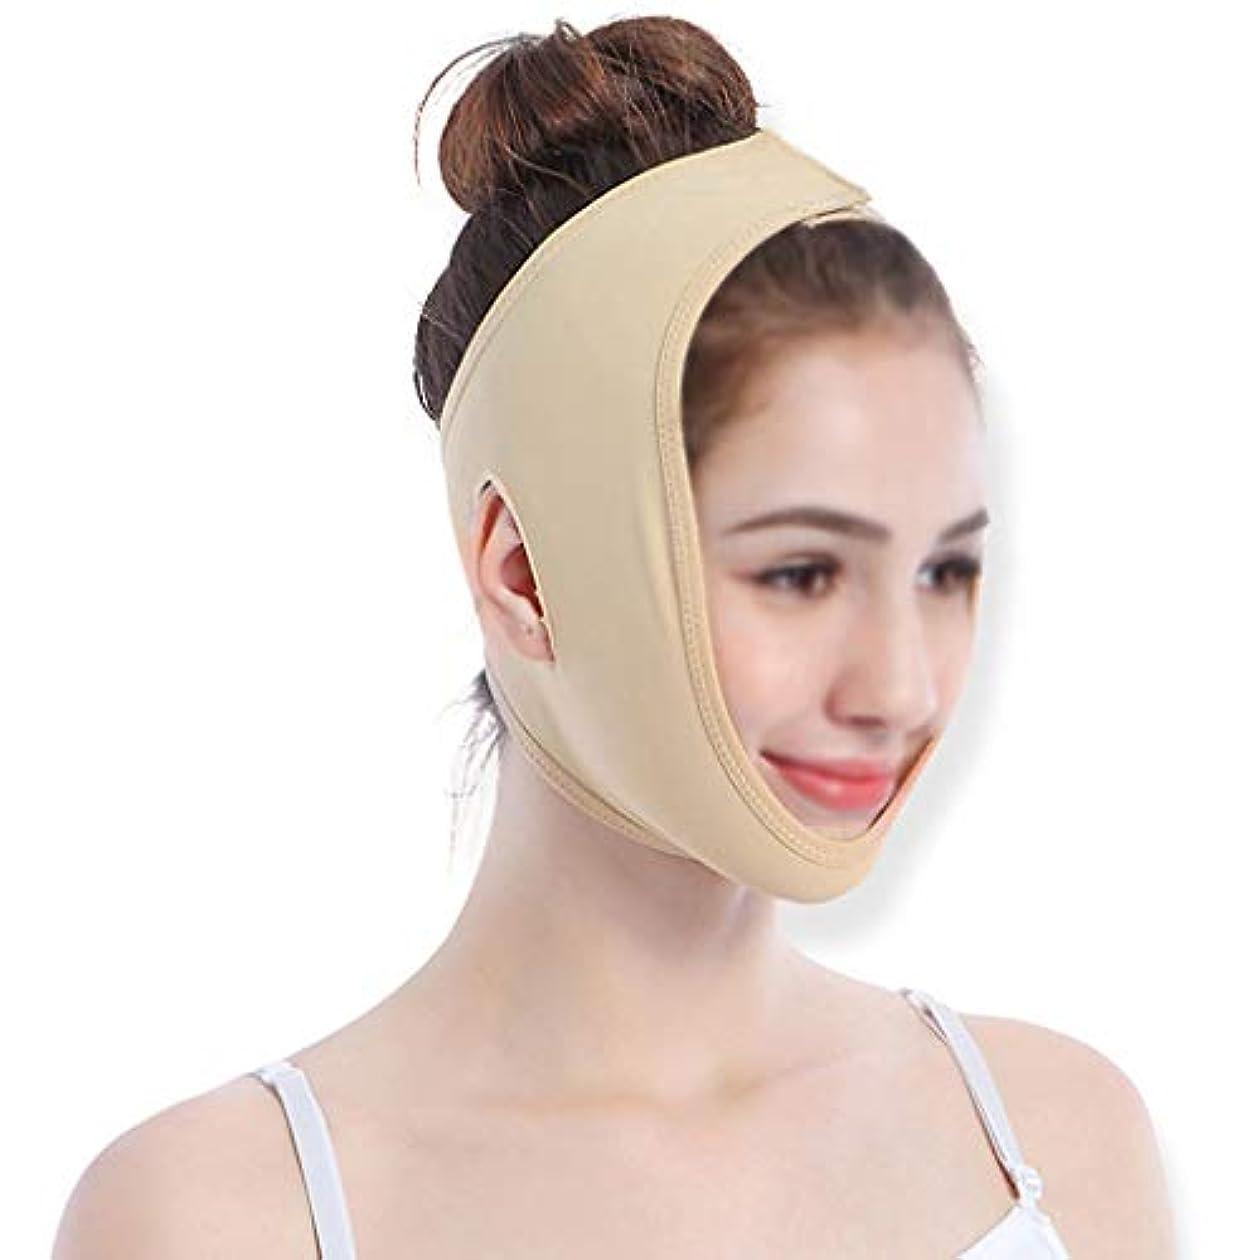 流行救急車傾向があるGLJJQMY スリムな包帯V顔の顔のアーティファクトは、女性と女性のための繊細な顔のしわ防止フェイシャルツールを向上させます 顔用整形マスク (Size : M)